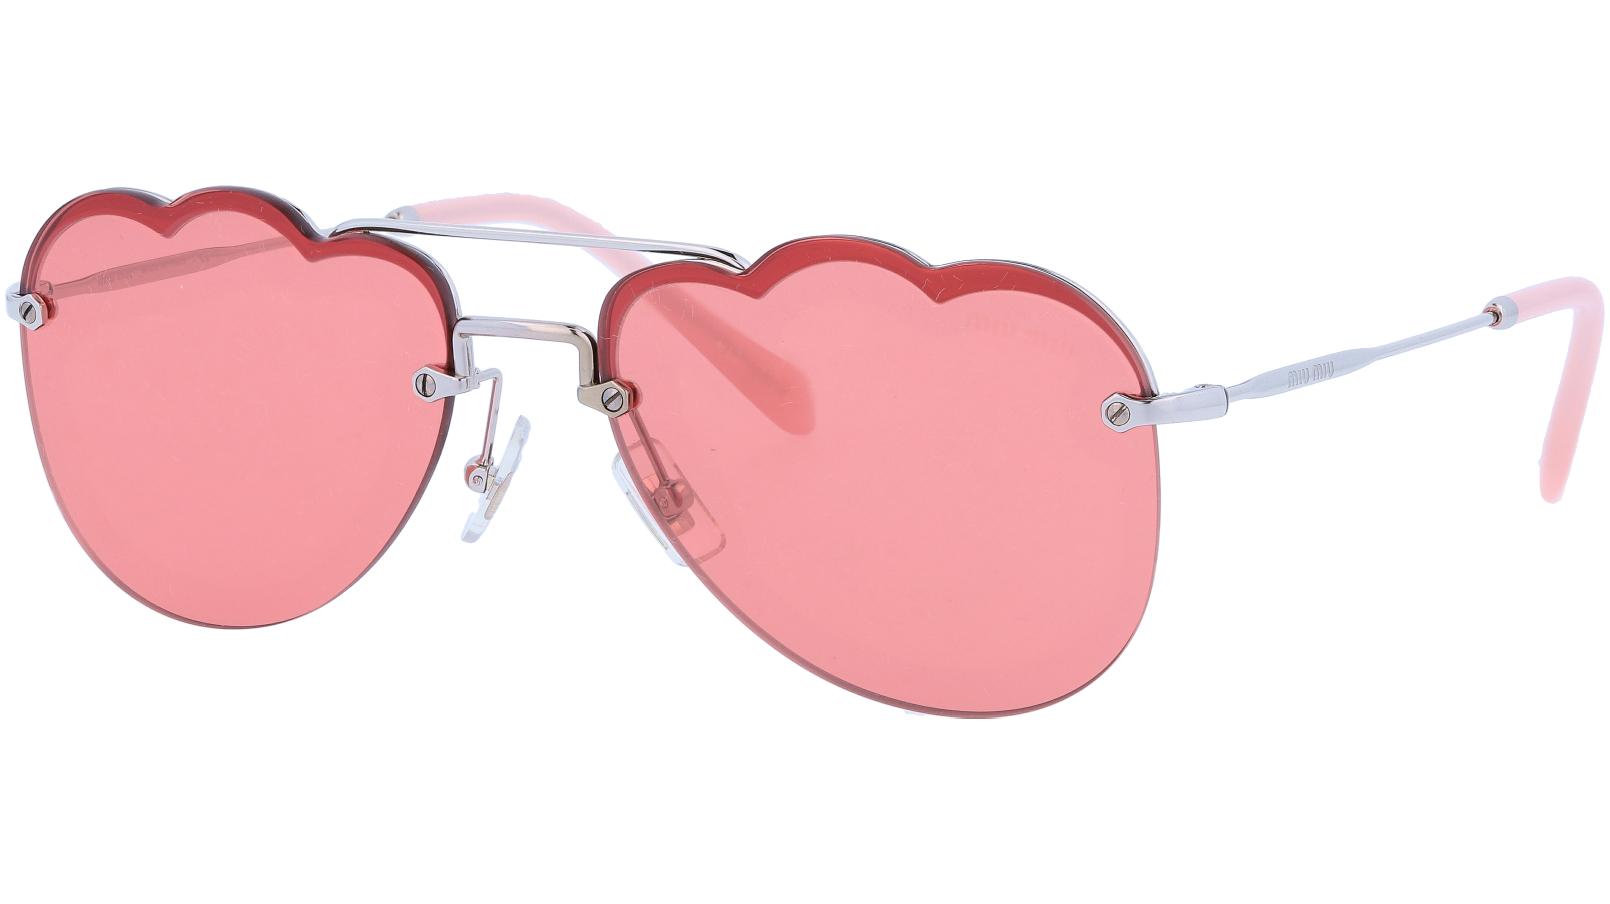 Miu Miu MU56US1BC177 58 Red Sunglasses